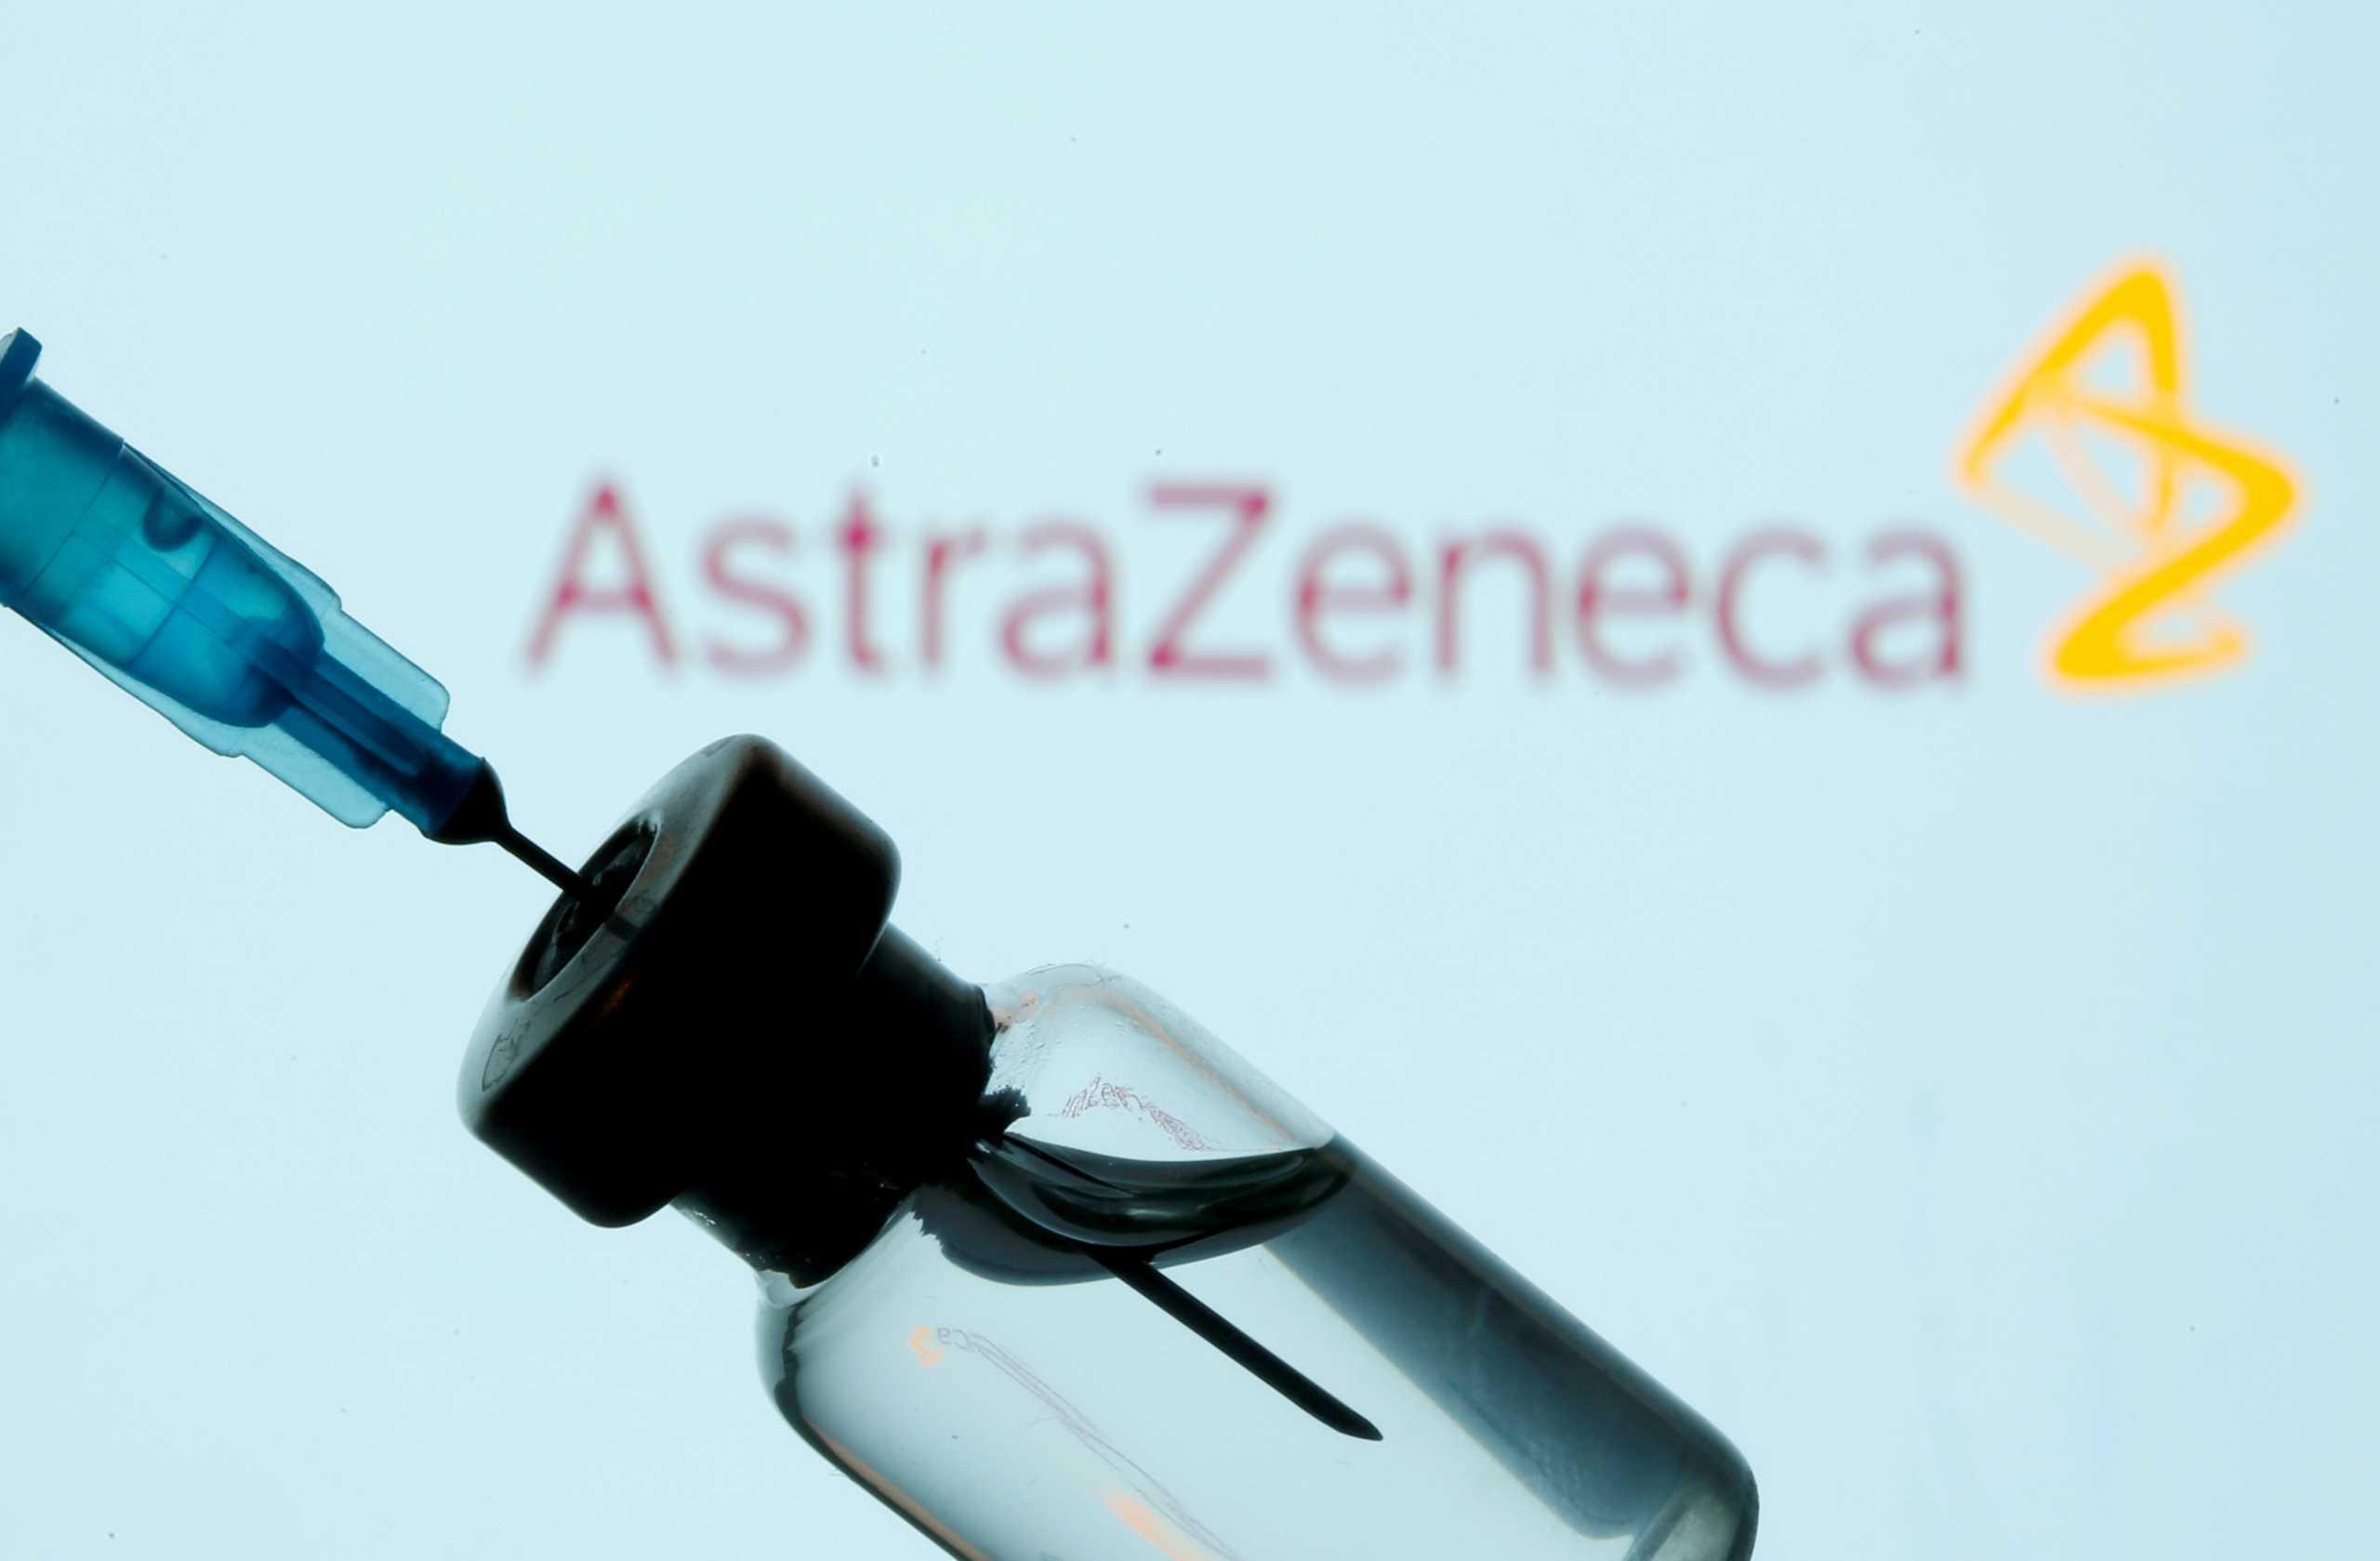 Πολωνία – κορονοϊός: Το εμβόλιο της AstraZeneca θα χορηγείται έως και τα 65